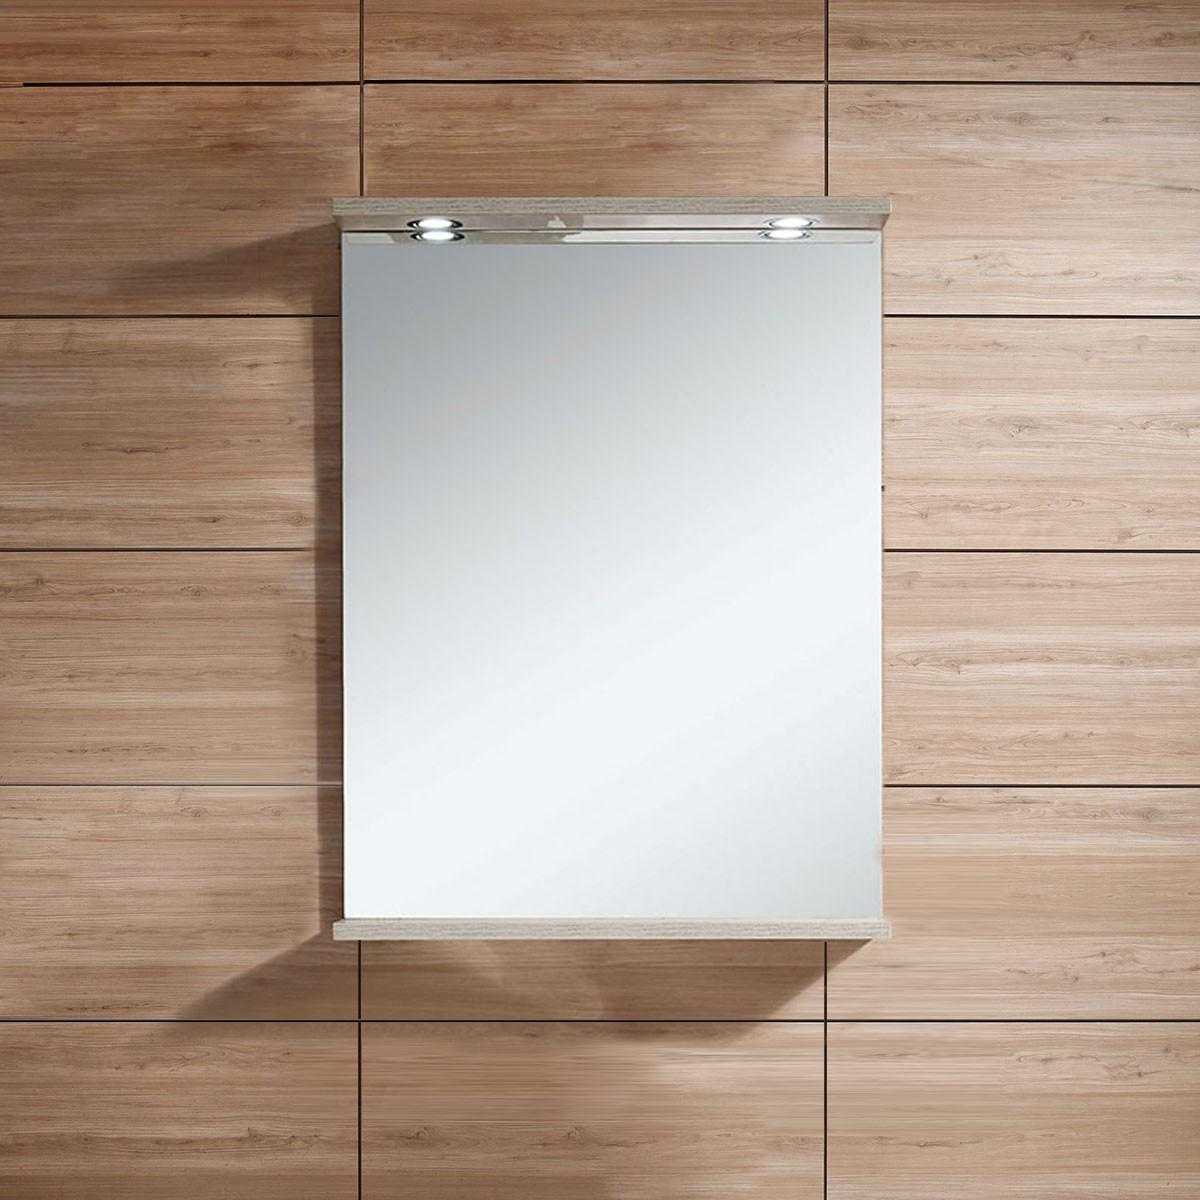 24 x 31 po Miroir pour Meuble Salle de Bain (DK-603800-M)